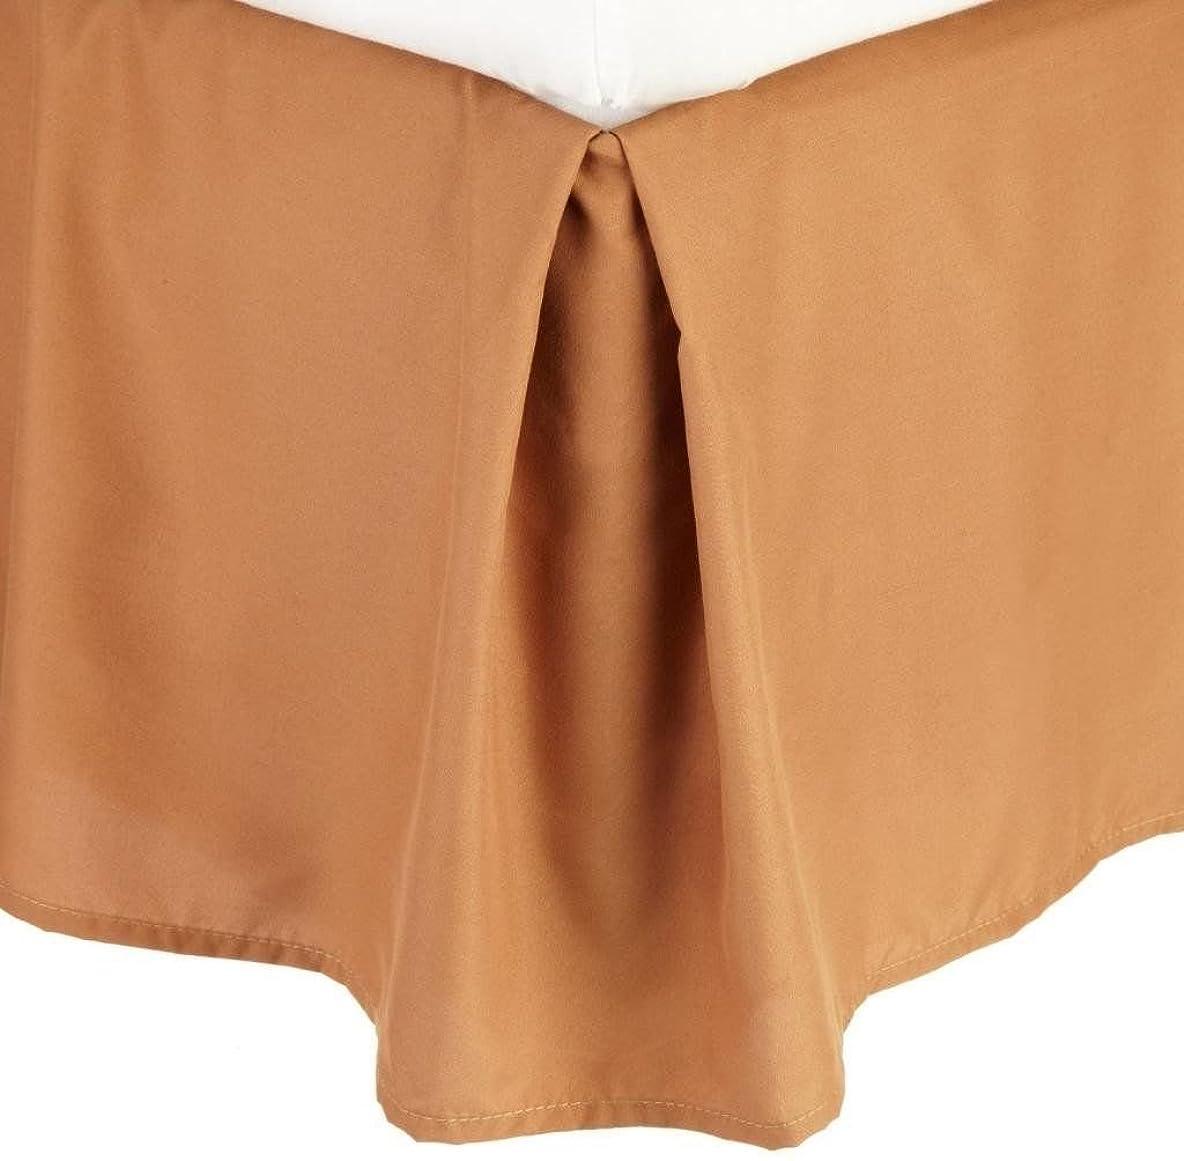 ハンマー絶望的な反対プリーツベッドスカート14?cmドロップエジプトソリッドベッドスカート?–?ブロンズライトブラウン/キング